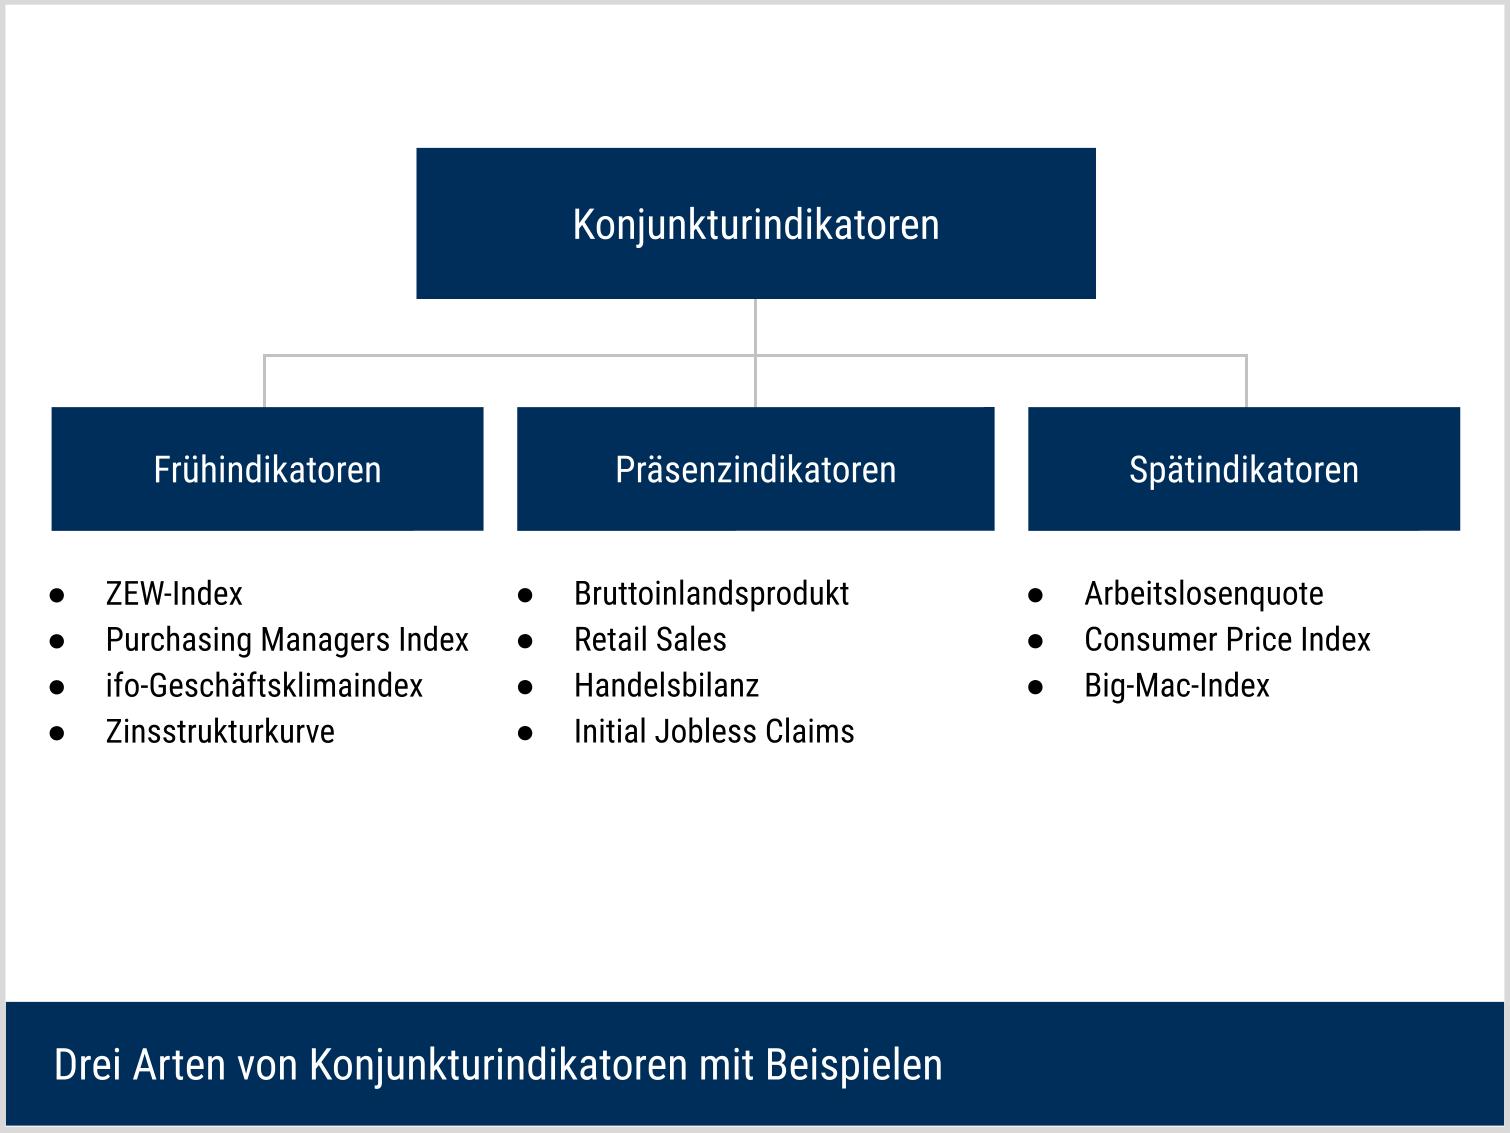 Drei Arten von Konjunkturindikatoren mit Beispielen